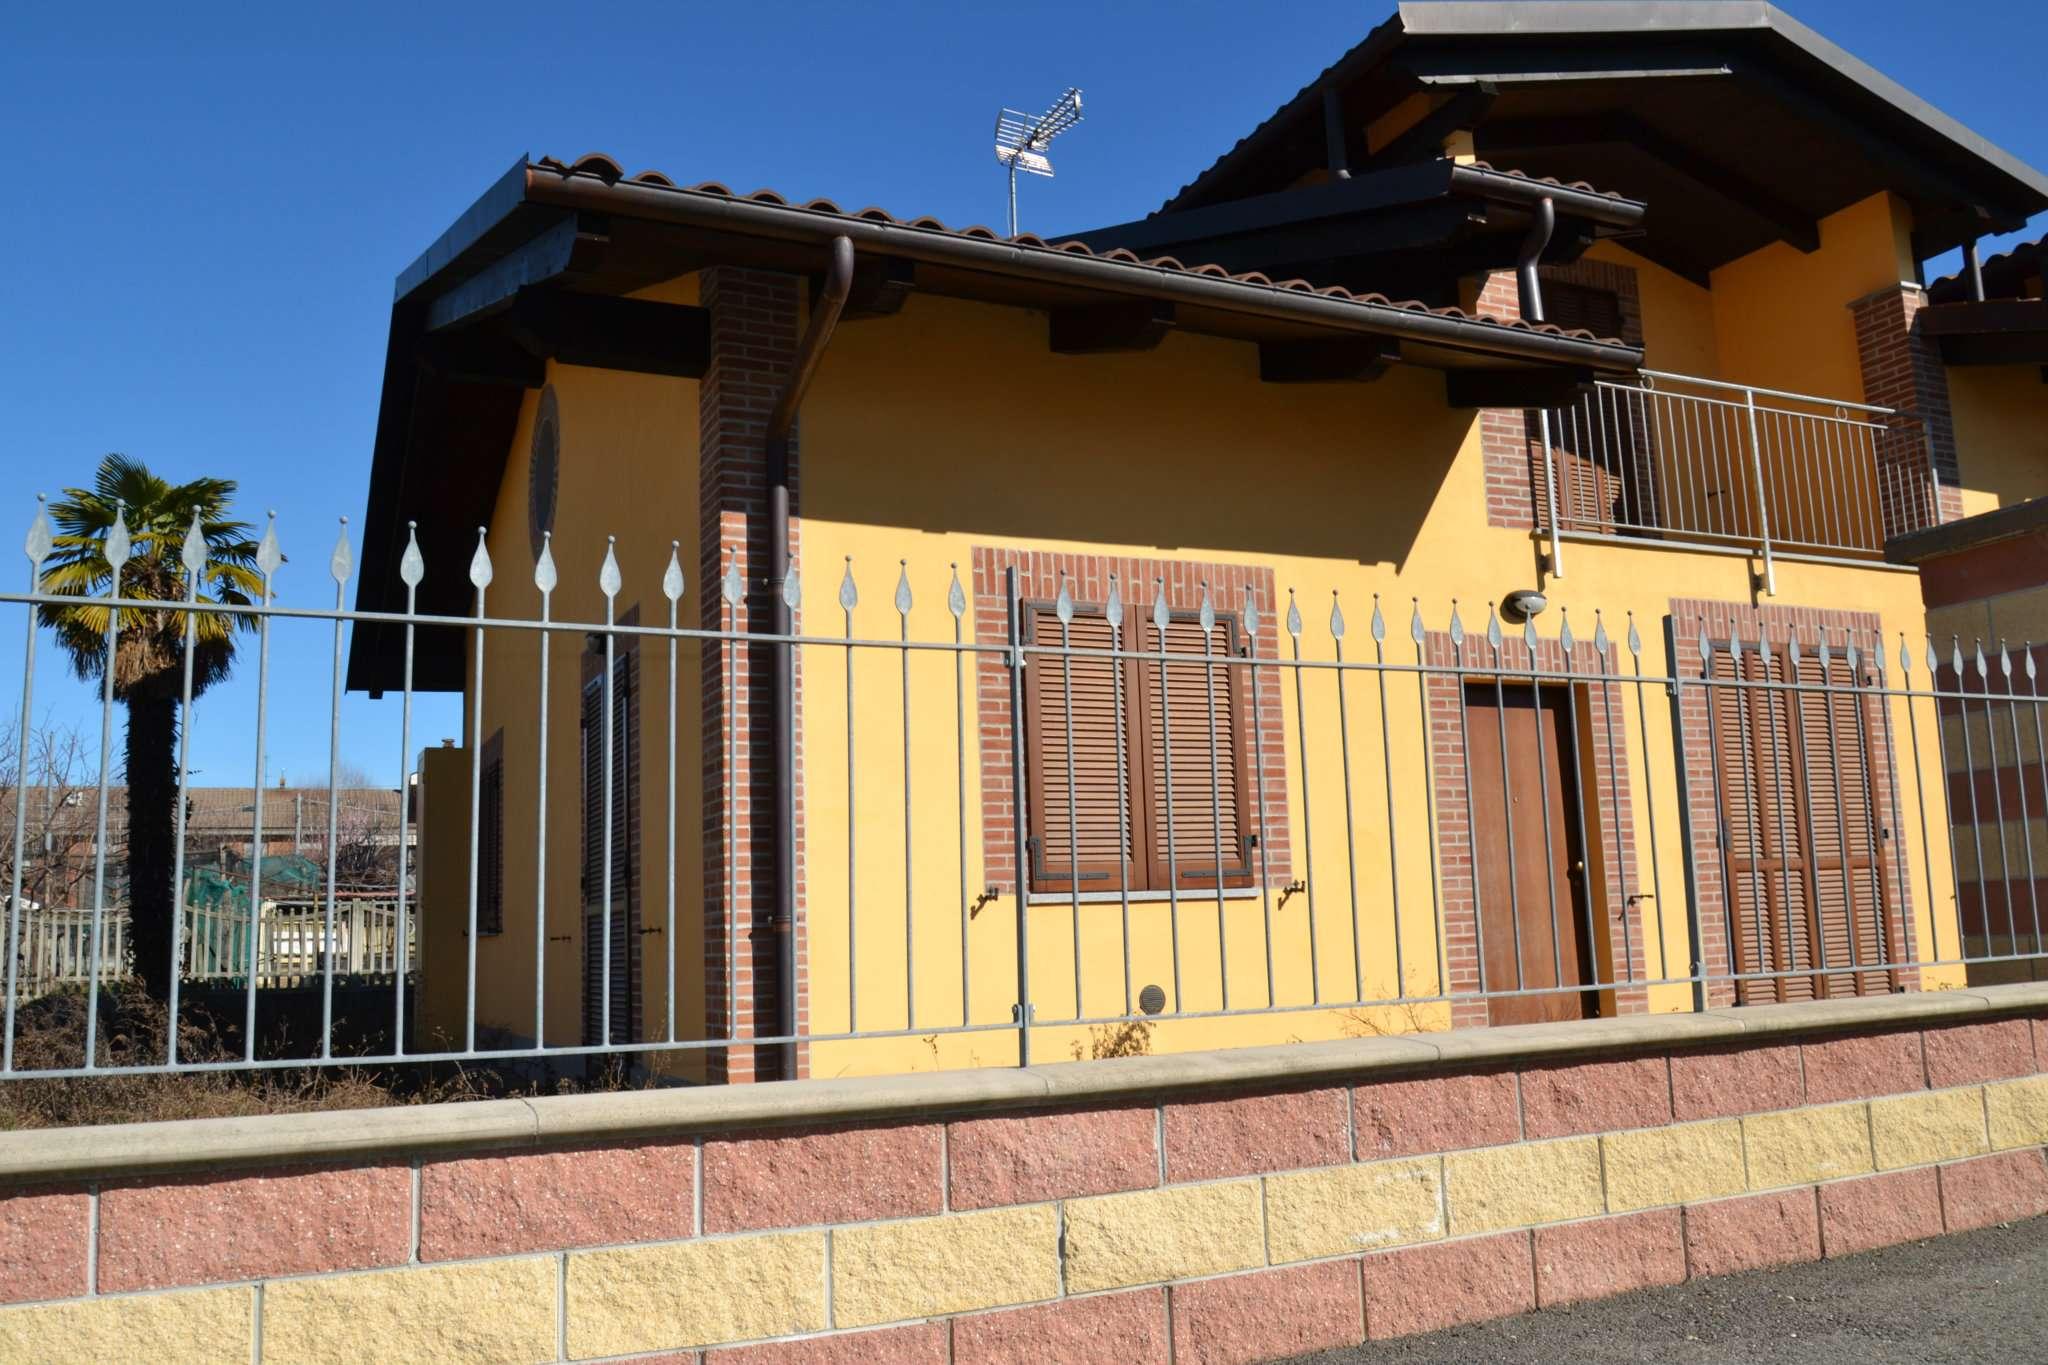 Villetta a Schiera in vendita via don stefano nida 14 Rivarolo Canavese